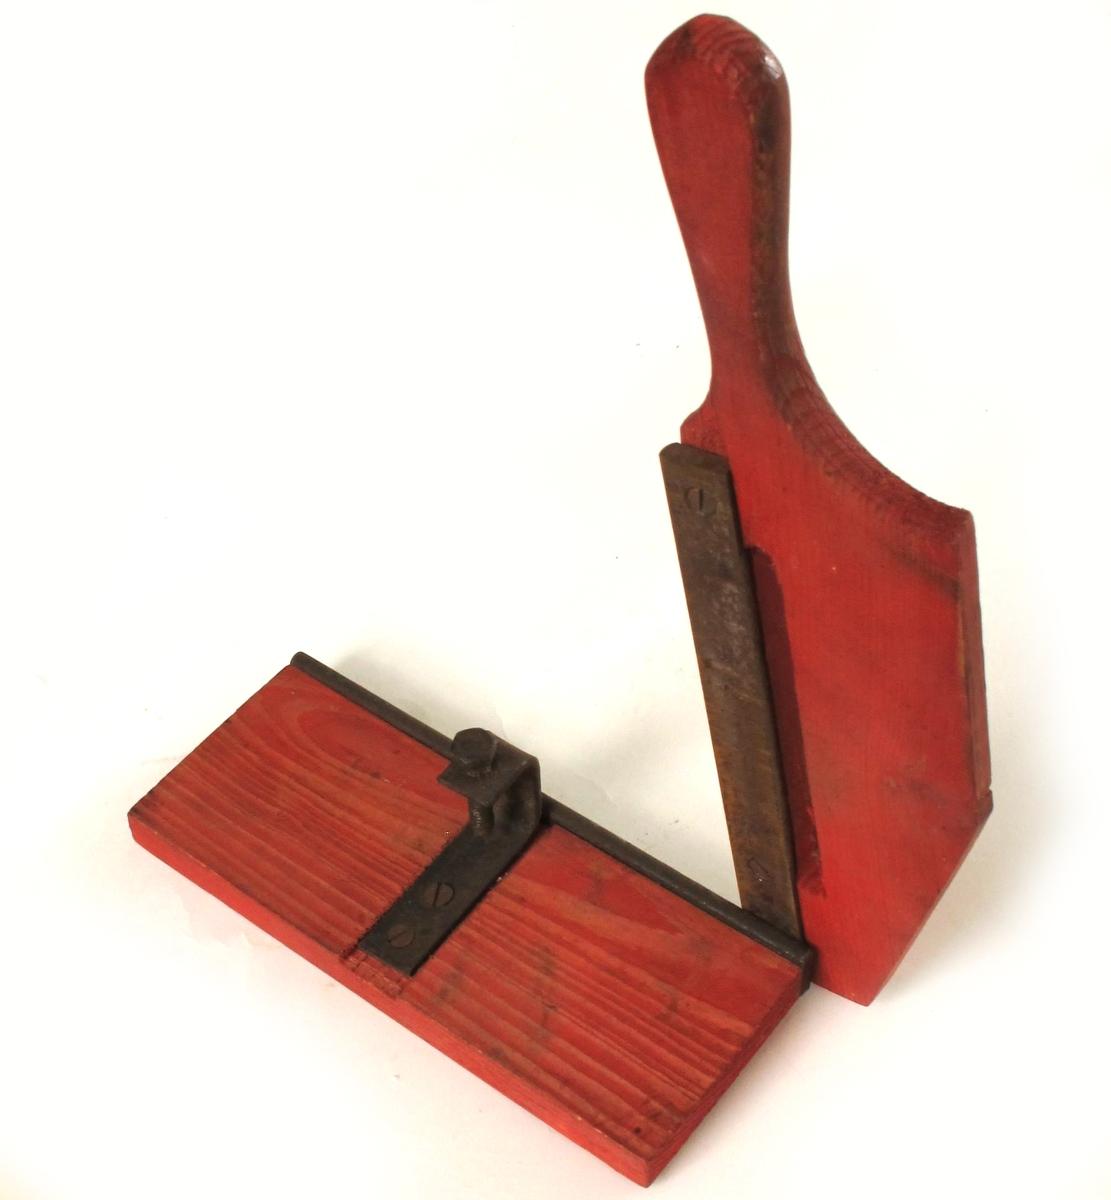 Skjæremaskin for tobakk,  fra krigen 1940-45.    Furu,  rødmalt,   jernkniv.    Kniv uten skarp egg. Form som en papirskjærer,  med håndtak/kniv langs den ene langside. Stilleskrue pm.  Tilstand: jernet rustent. Virker lite brukt.